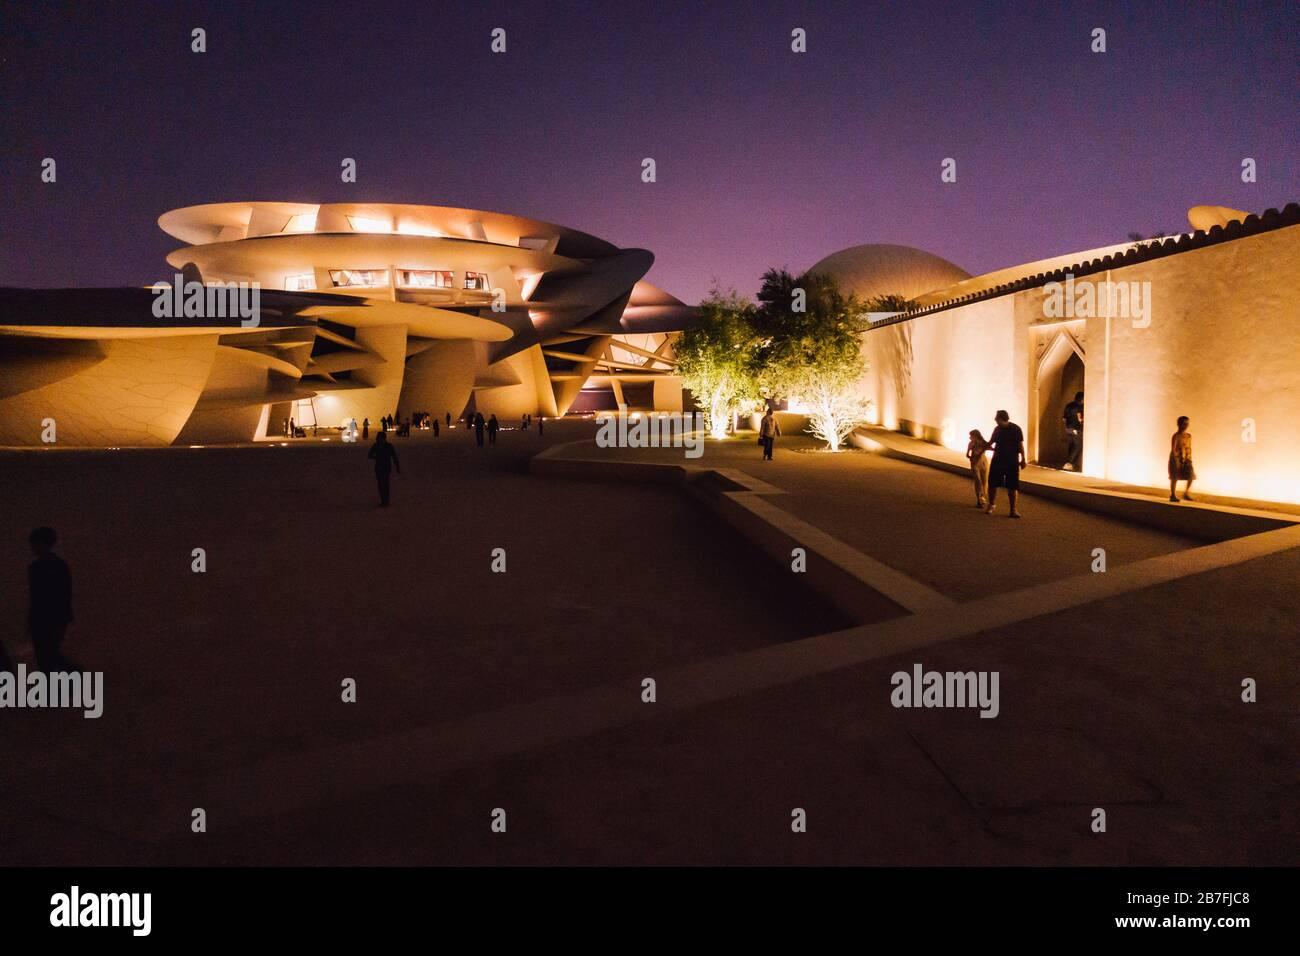 Foto notturna del National Museum of Qatar, con il suo straordinario design a disco, a Doha, Qatar Foto Stock